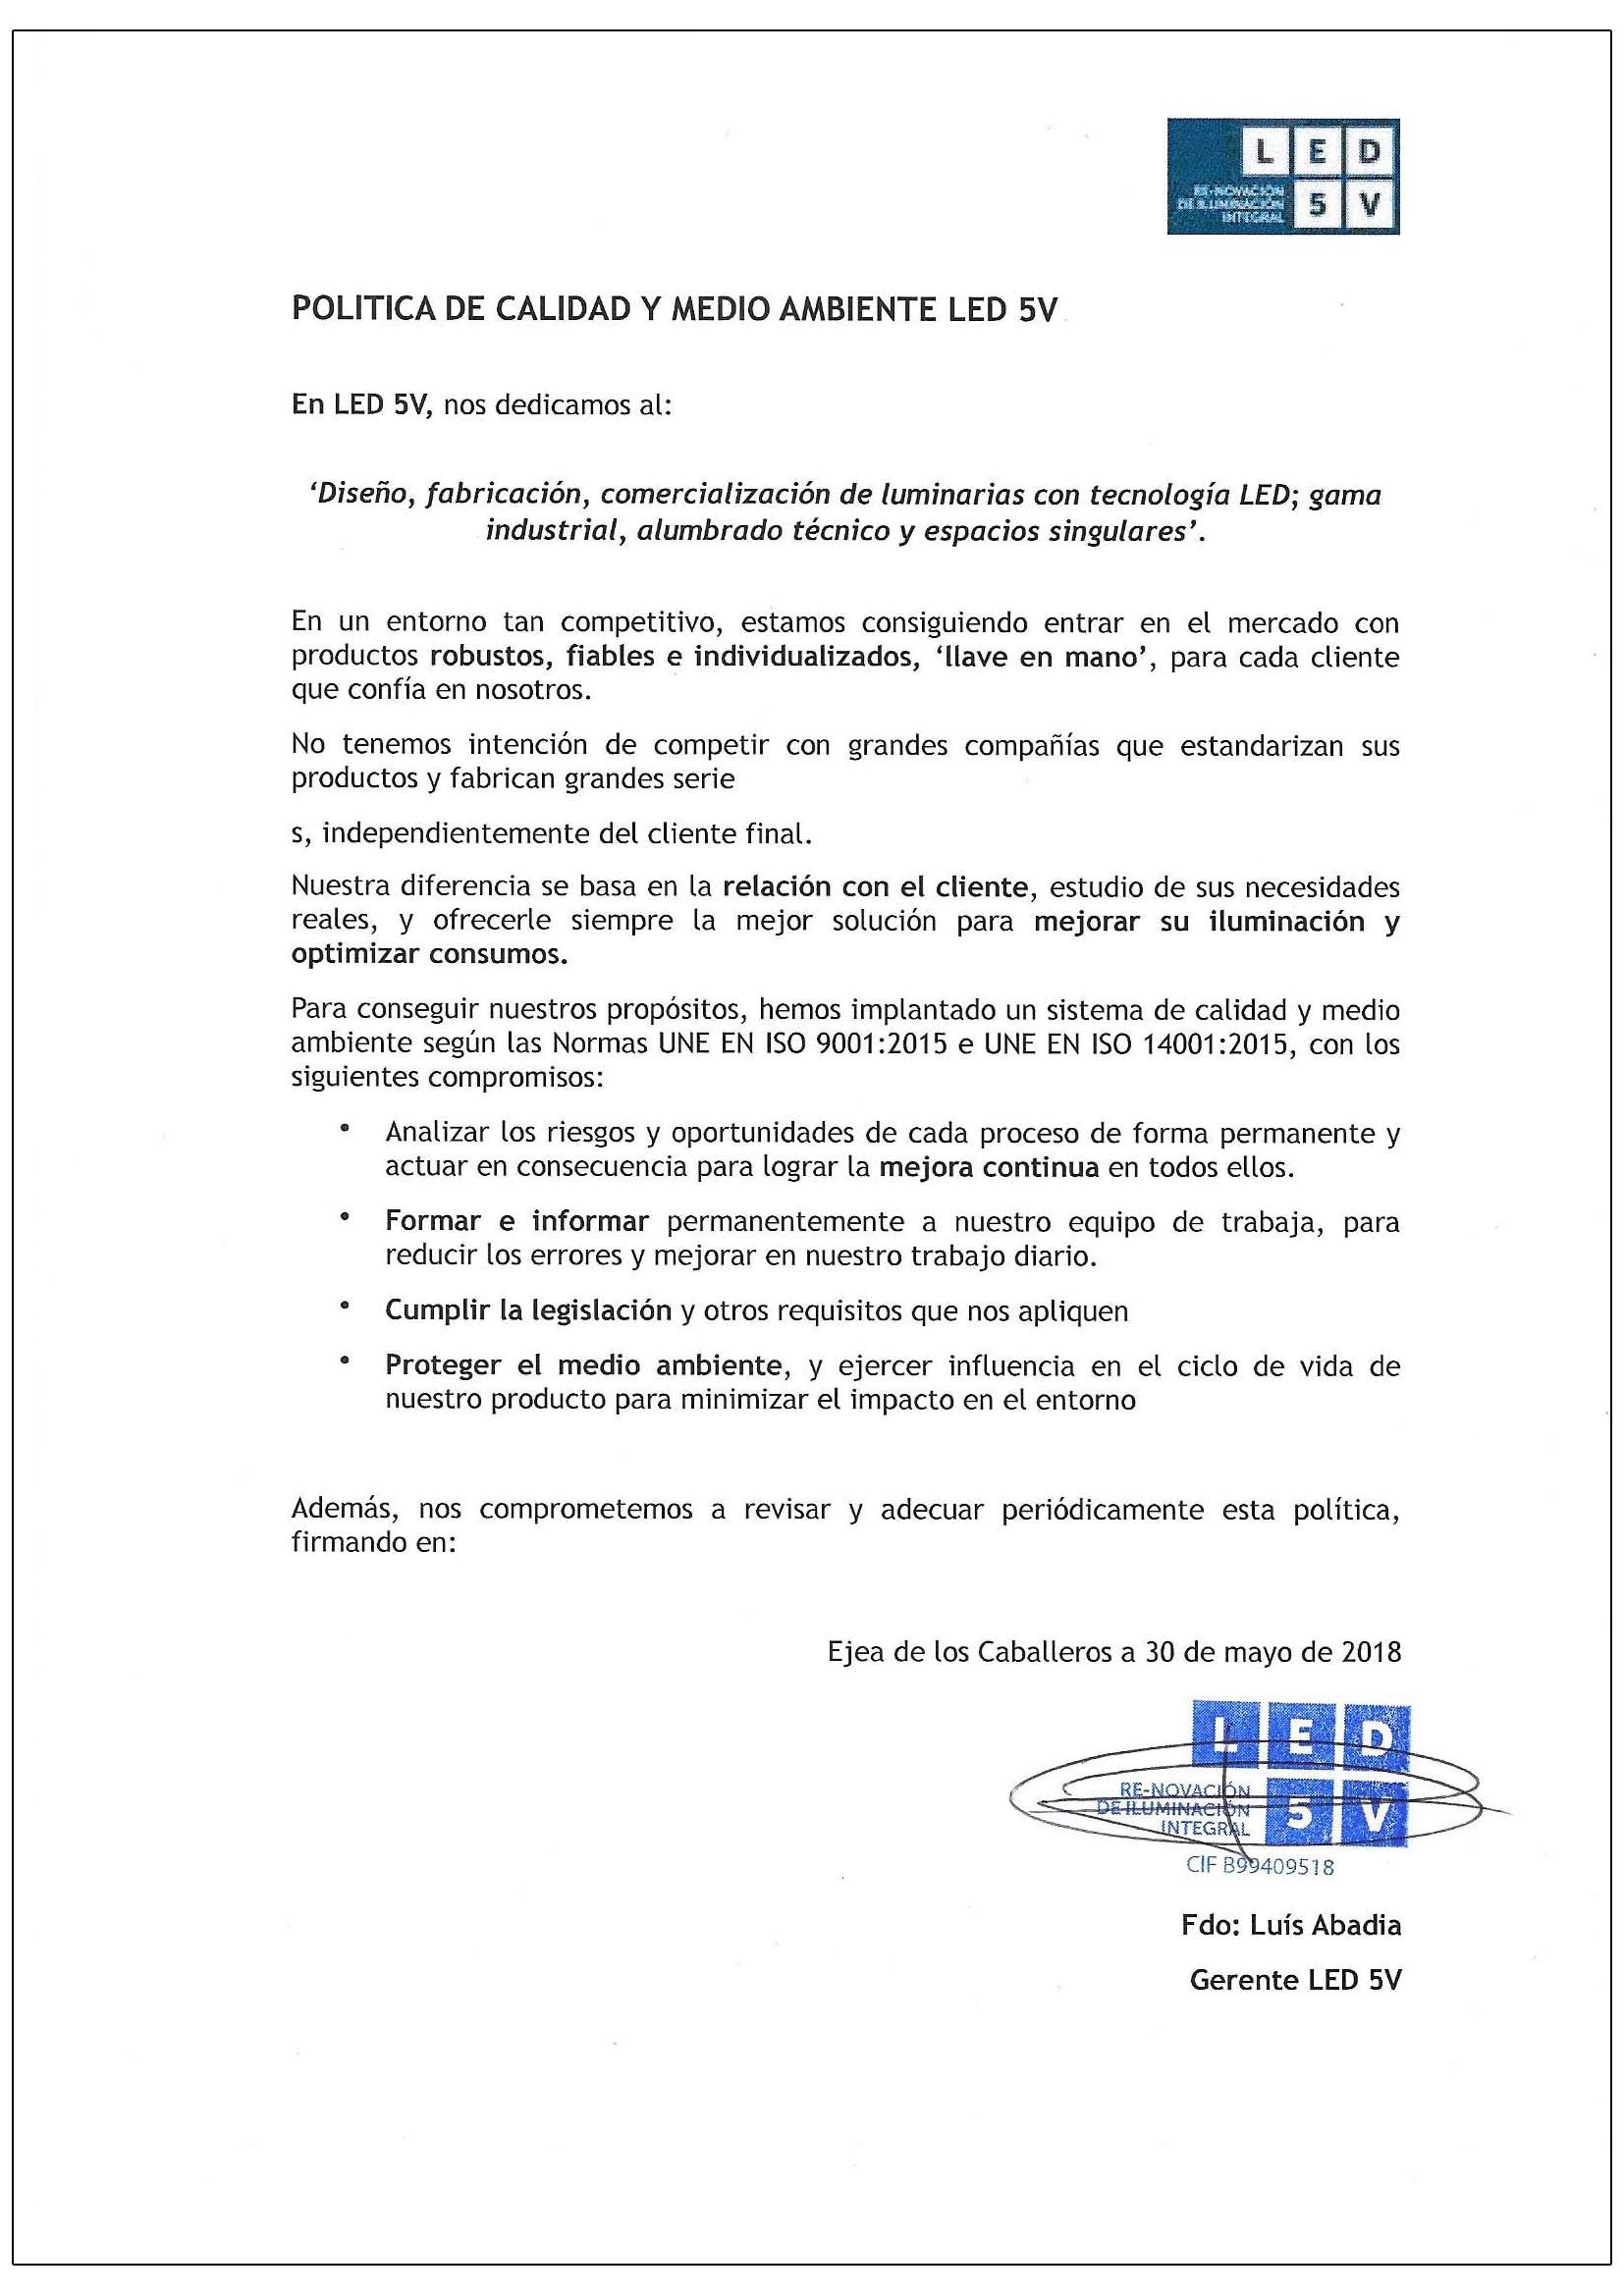 política de calidad de led5v - especialistas en iluminacion led